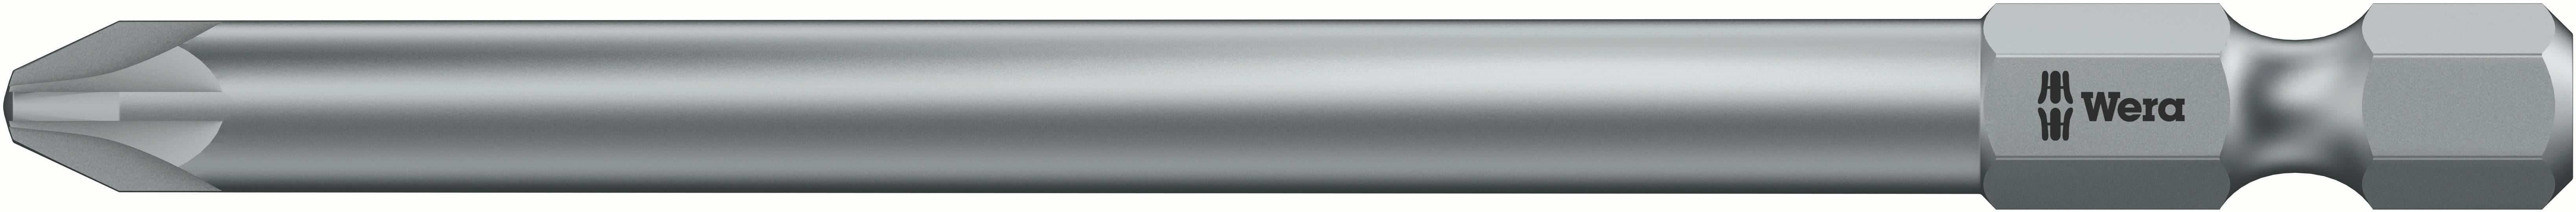 Predĺžený krížový bit Wera 855/4 Z PZ 2 x 89 mm 05060035001, nástrojová oceľ, 1 ks